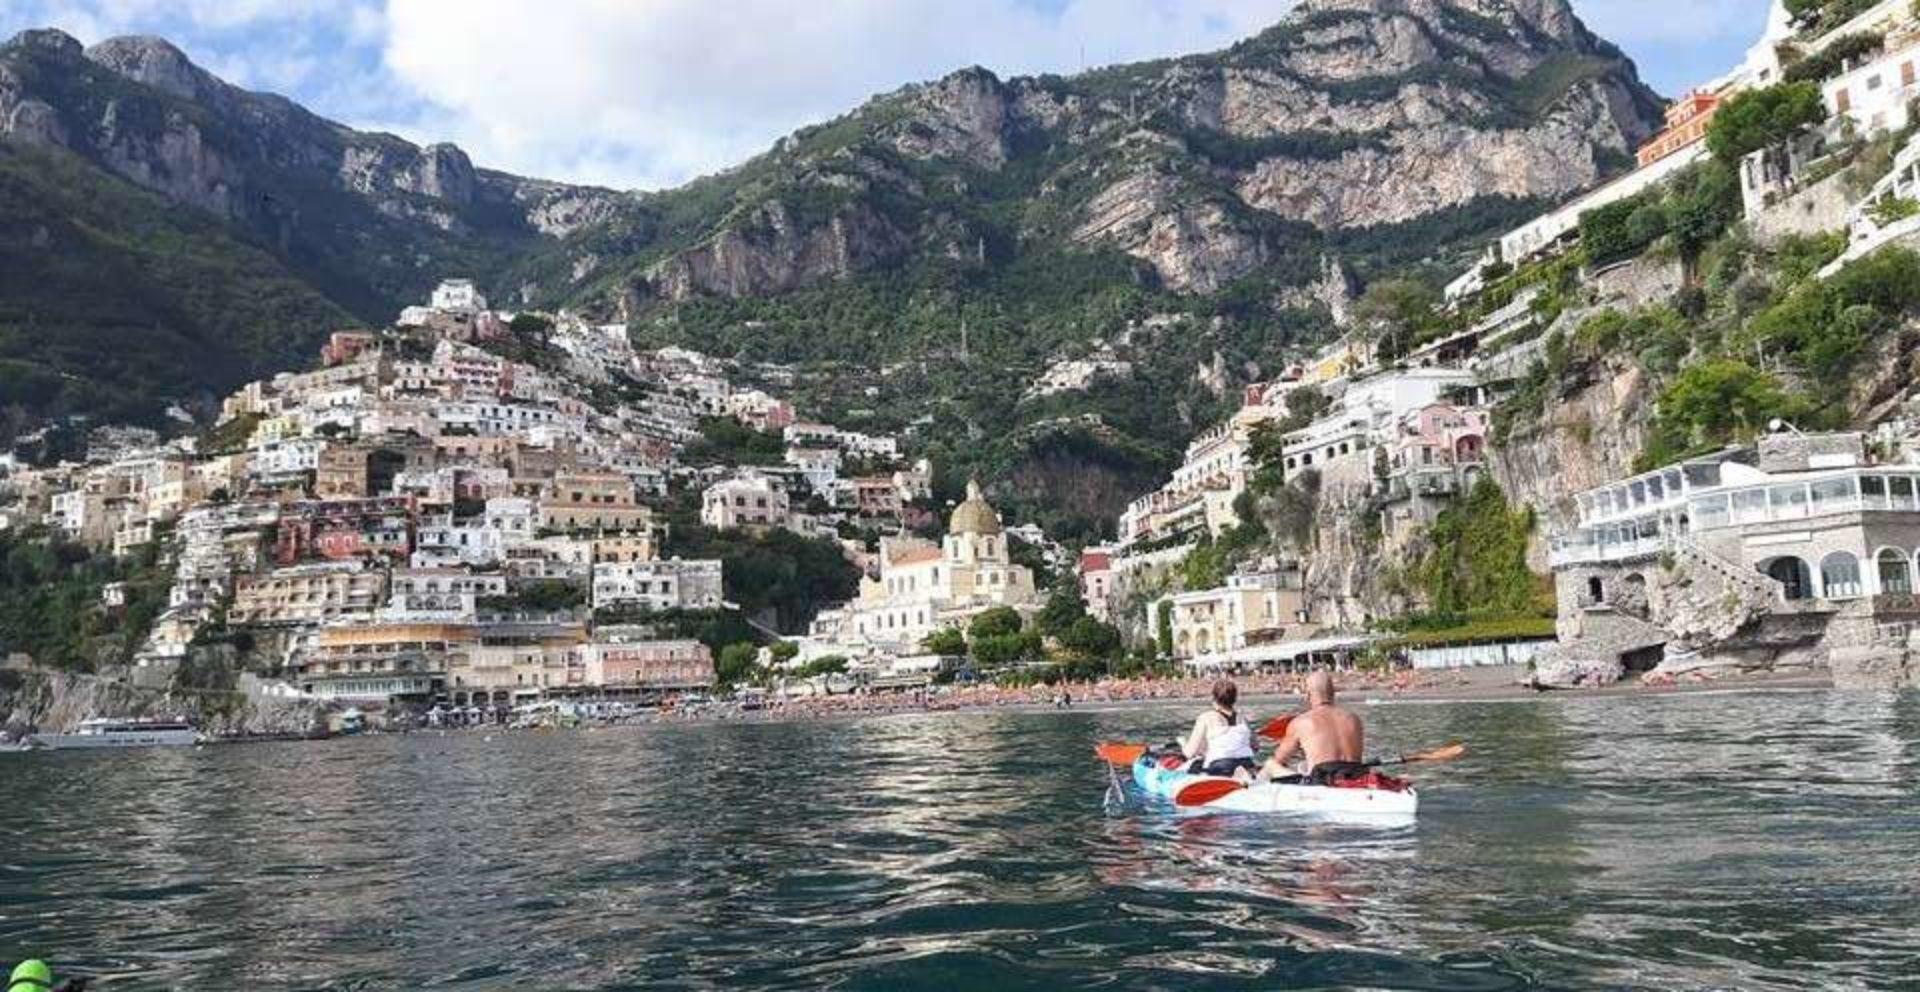 Canoa e kayak Positano